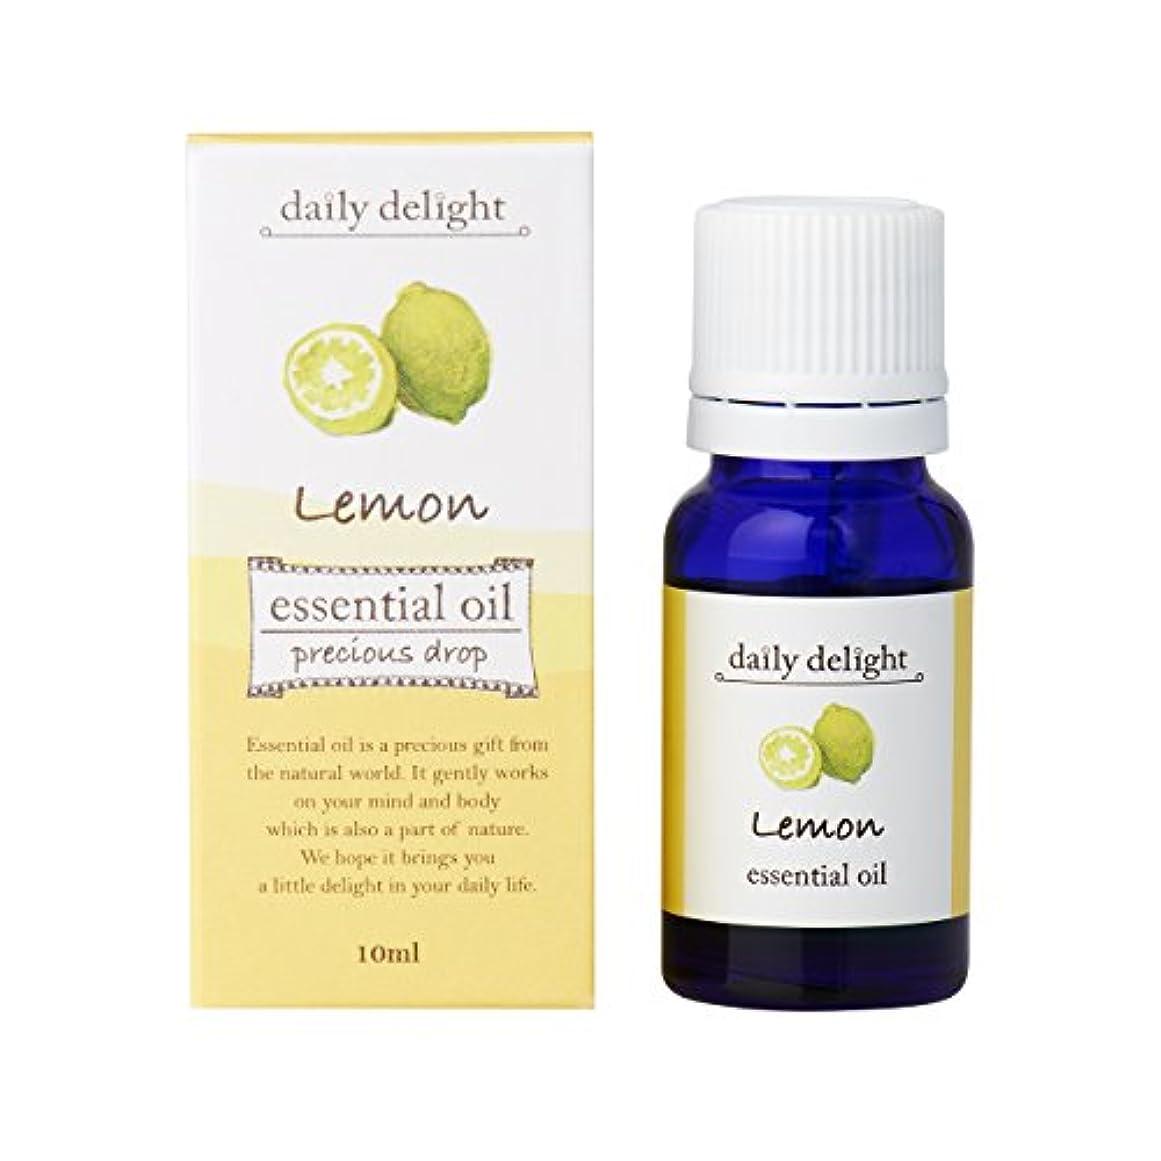 雇う突然のコンプリートデイリーディライト エッセンシャルオイル  レモン 10ml(天然100% 精油 アロマ 柑橘系 さっぱりして気分転換におすすめの香り)